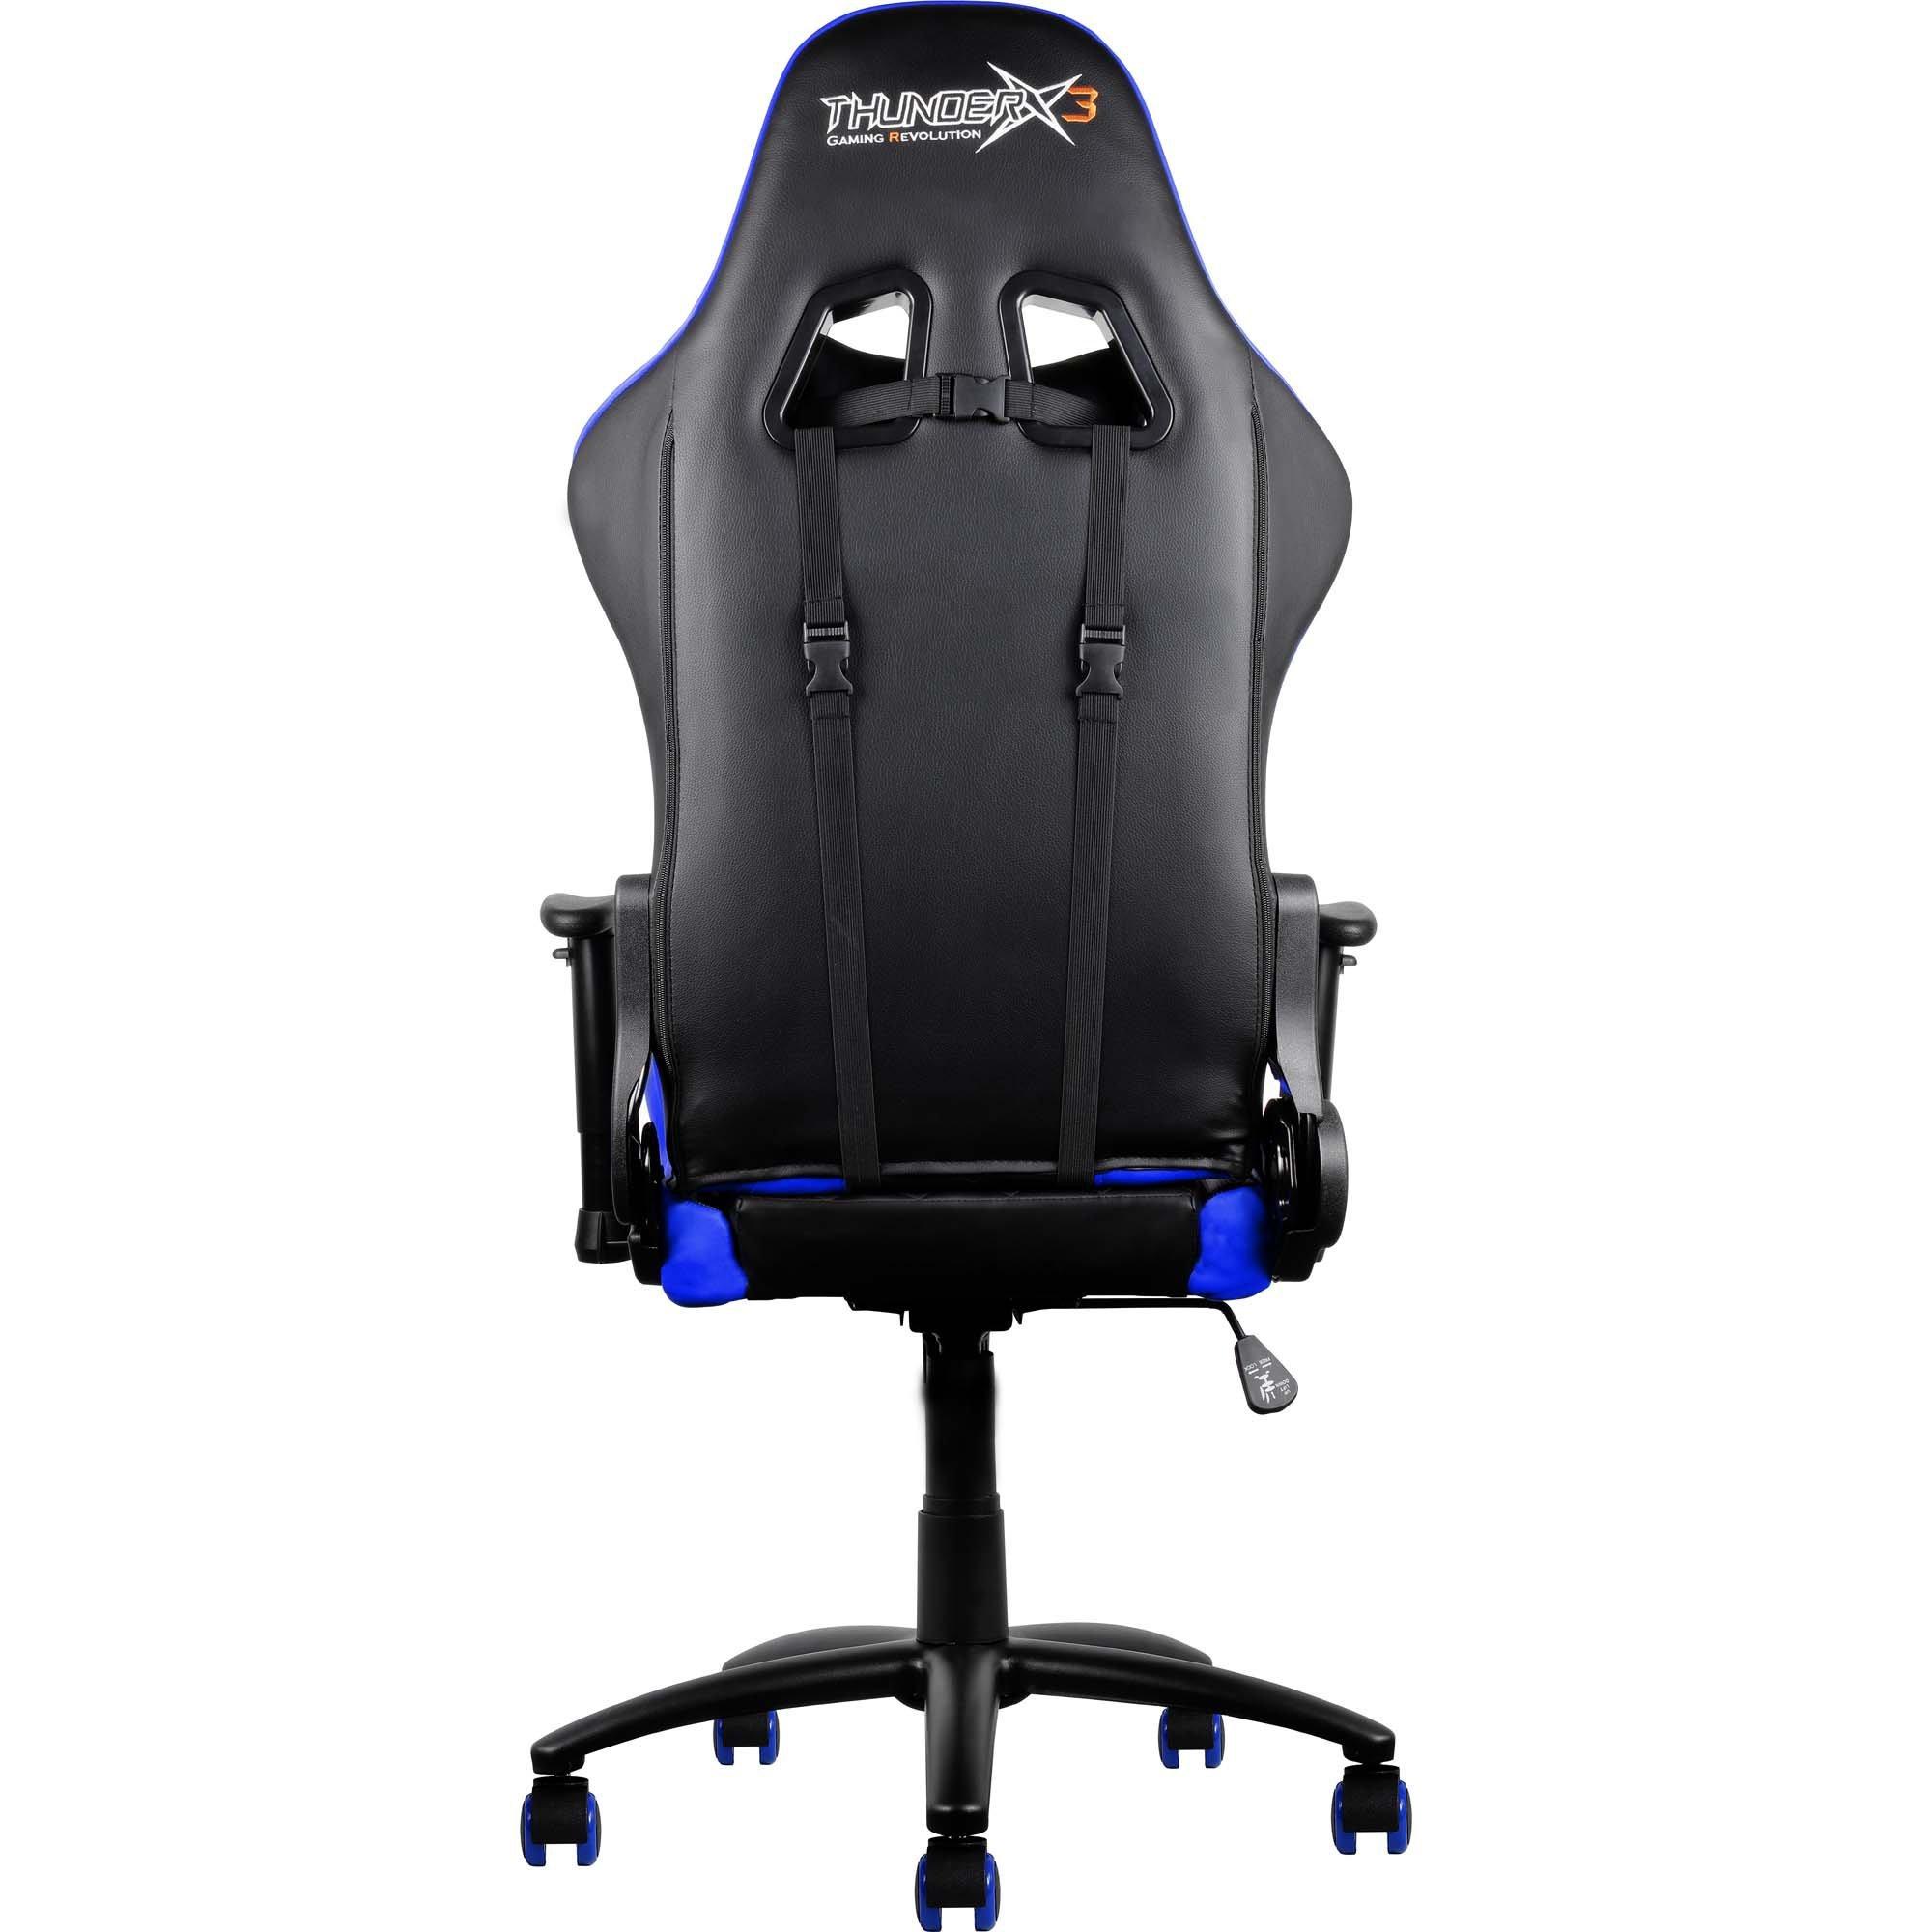 cadeira gamer aproveite enquanto durar o estoque preta azul thunderx3 profissional tgc12 43831 2000 191596 1